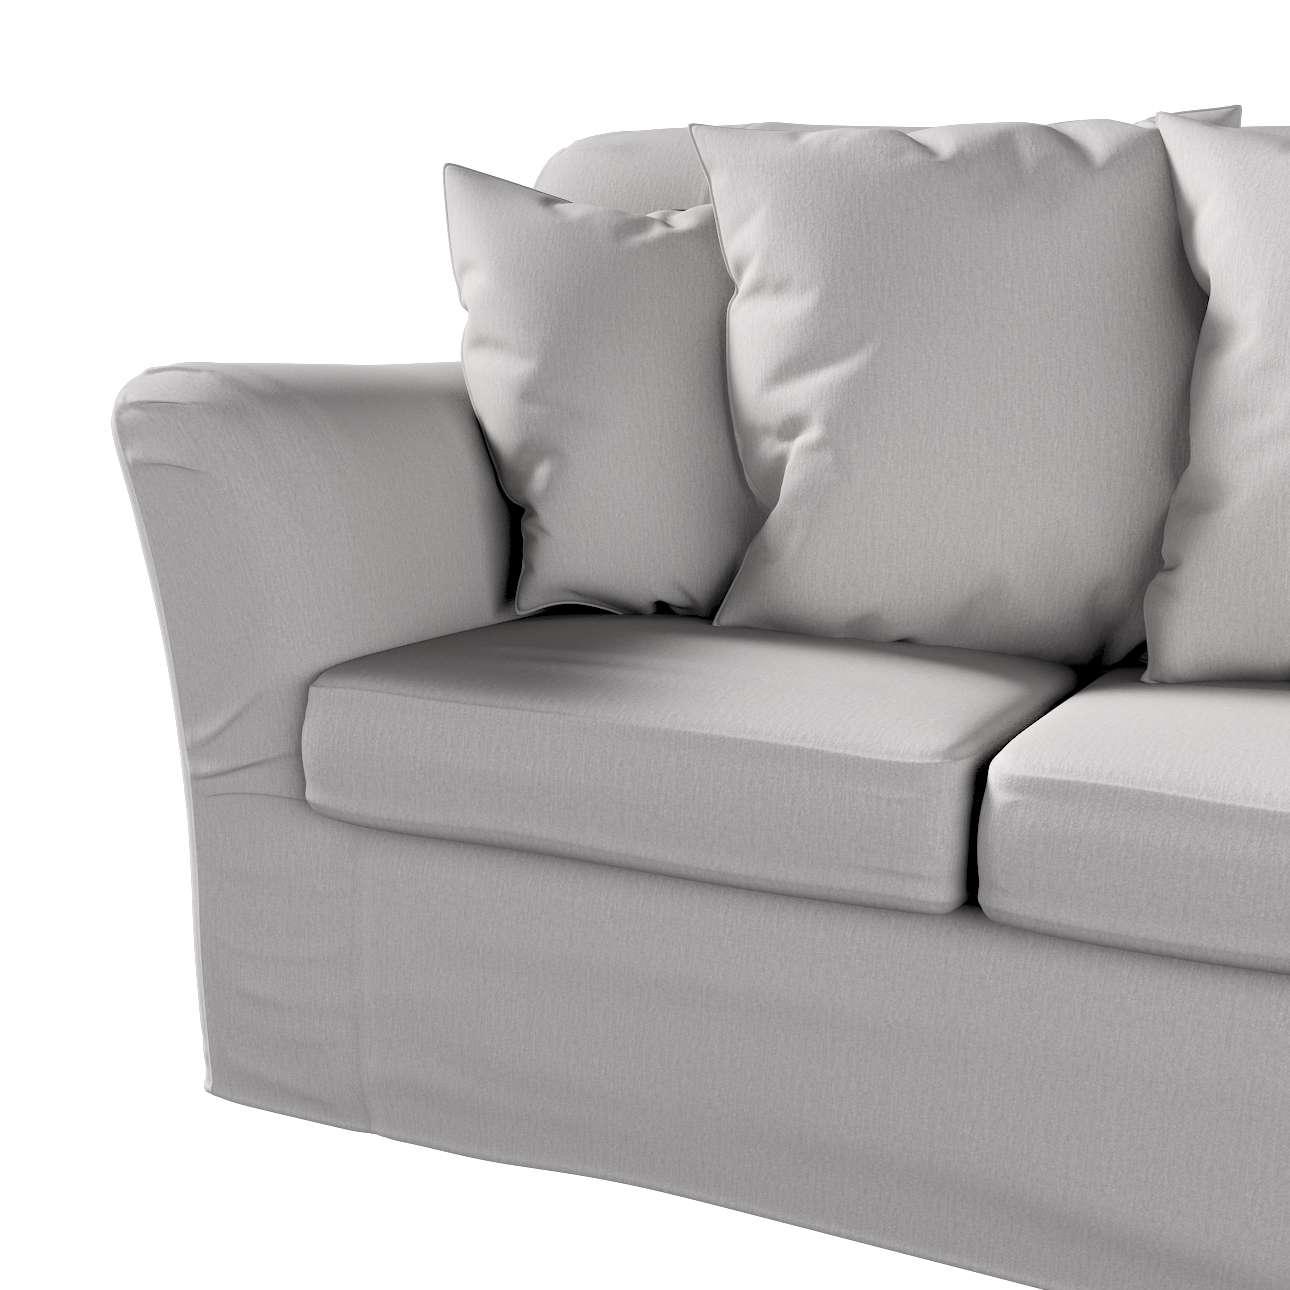 Pokrowiec na sofę Tomelilla 3-osobową nierozkładaną w kolekcji Chenille, tkanina: 702-23